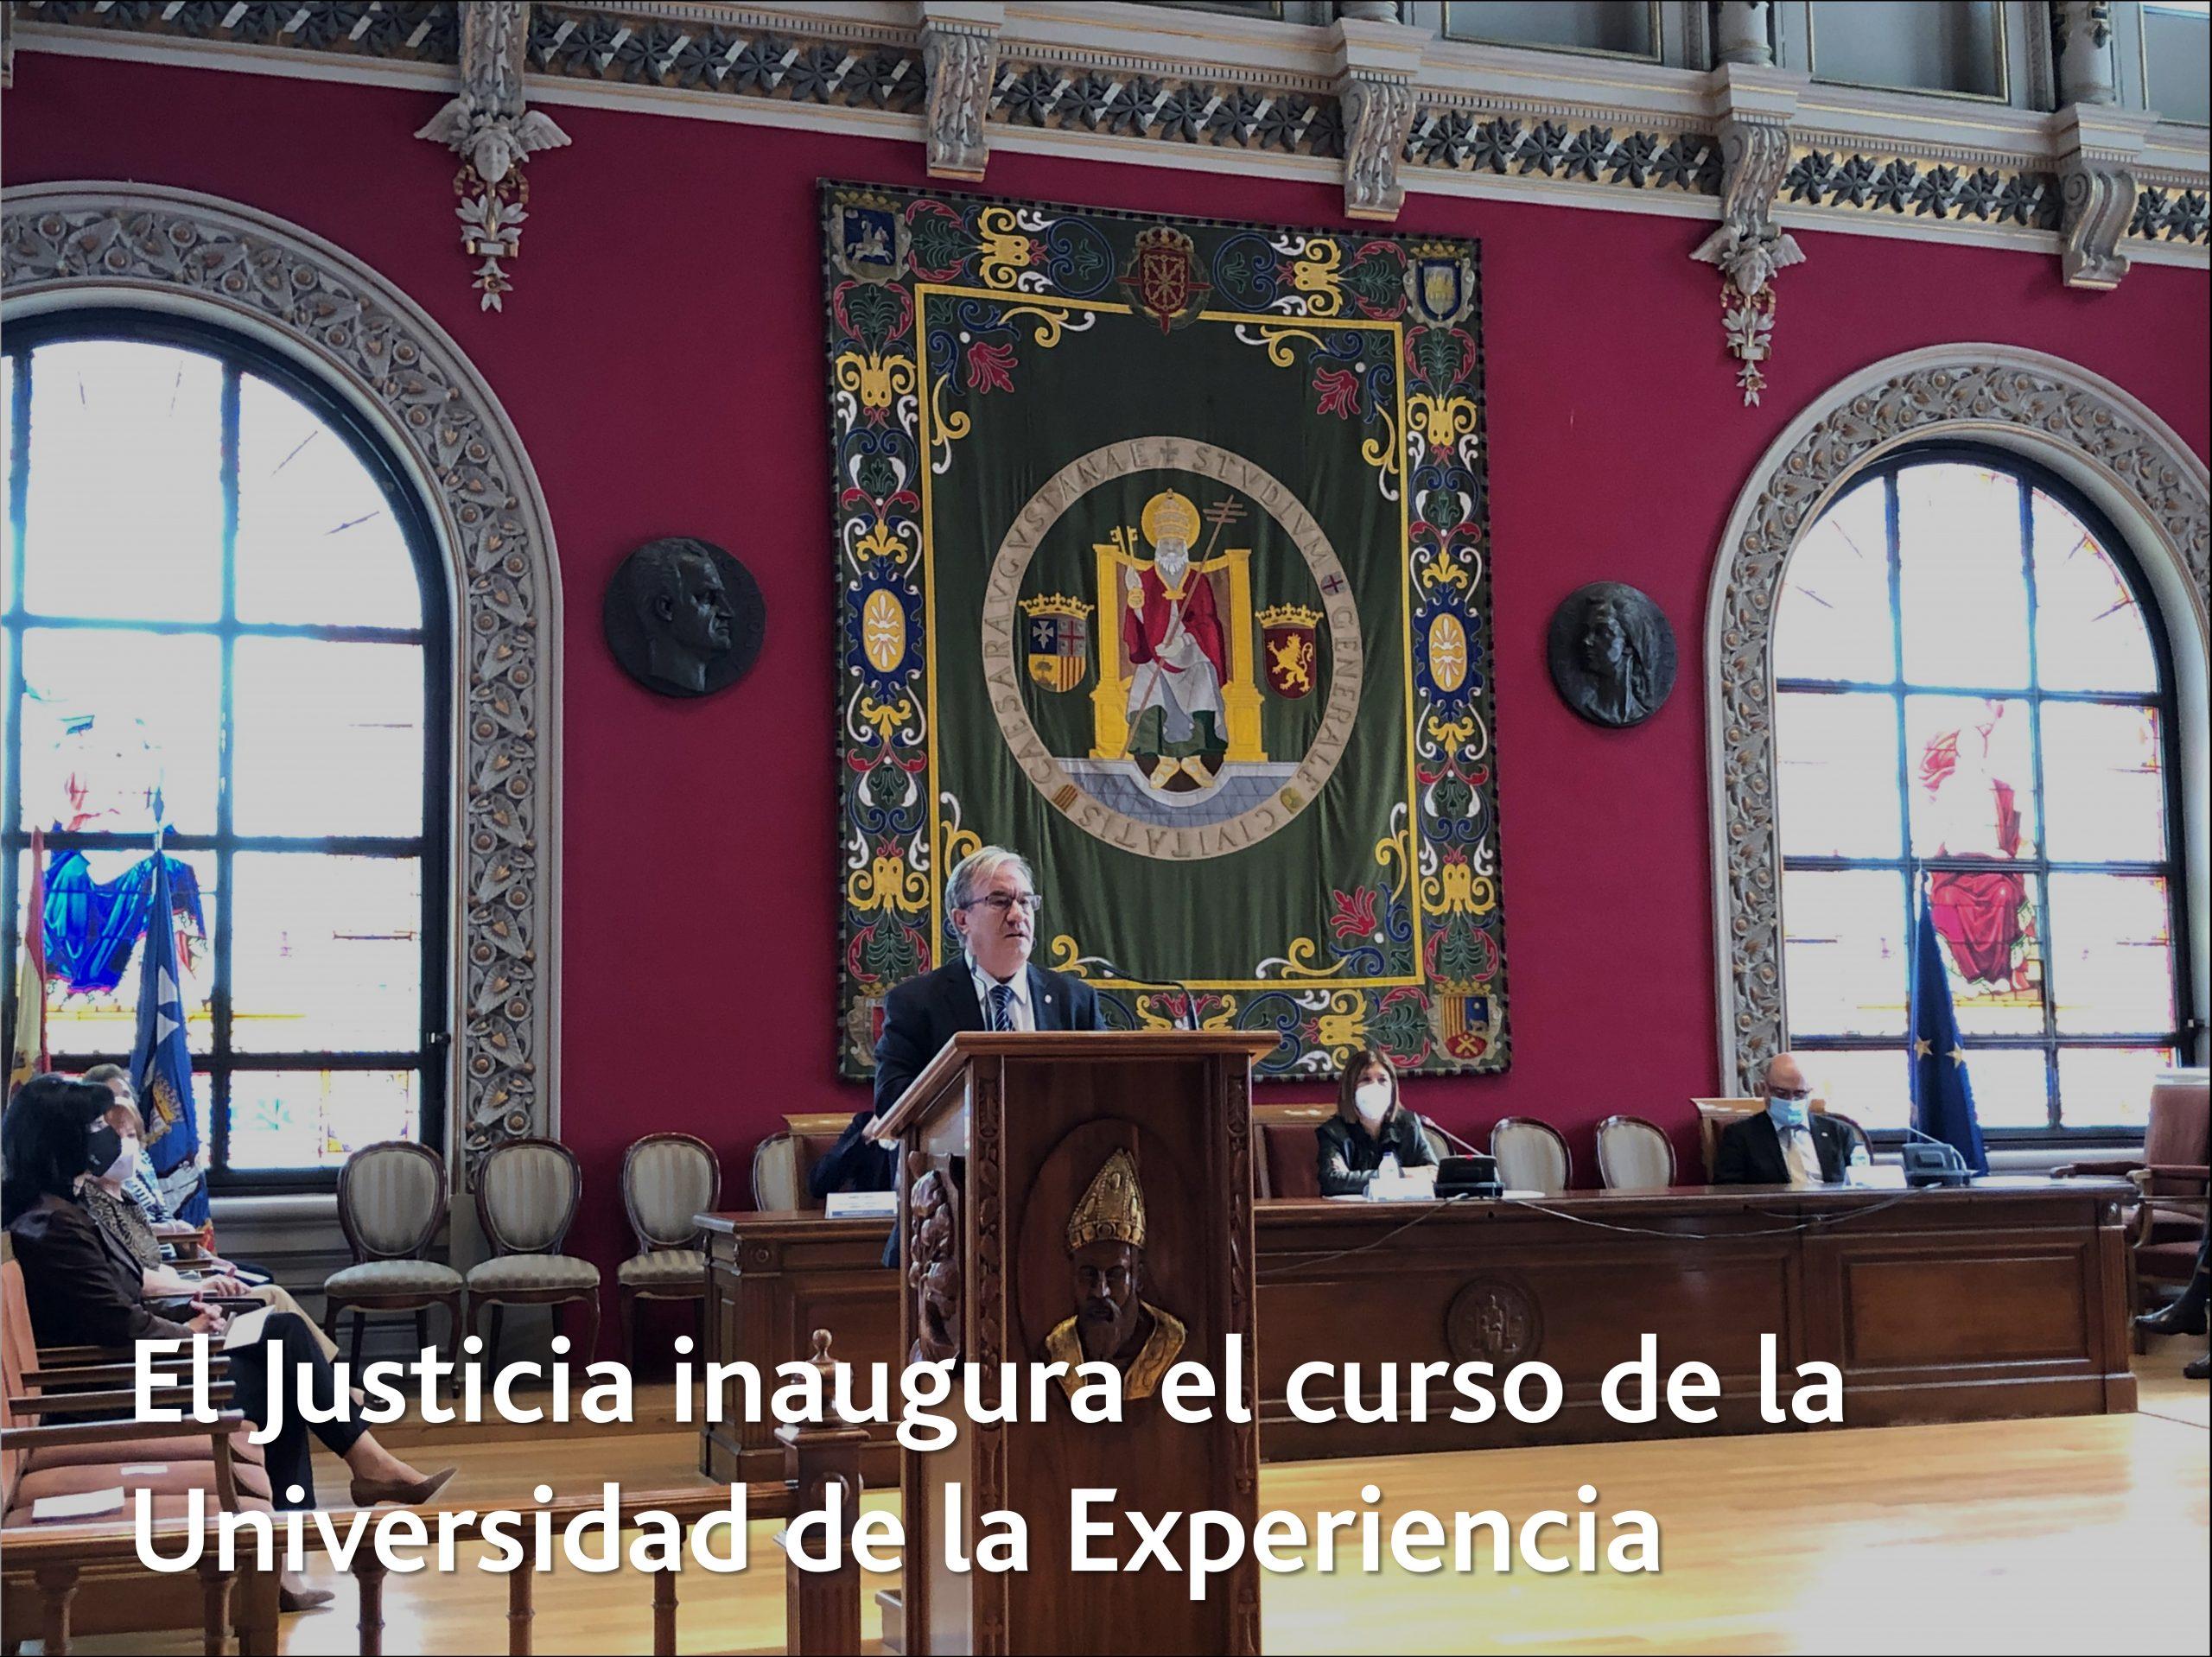 El Justicia inaugura el curso de la Universidad de la Experiencia